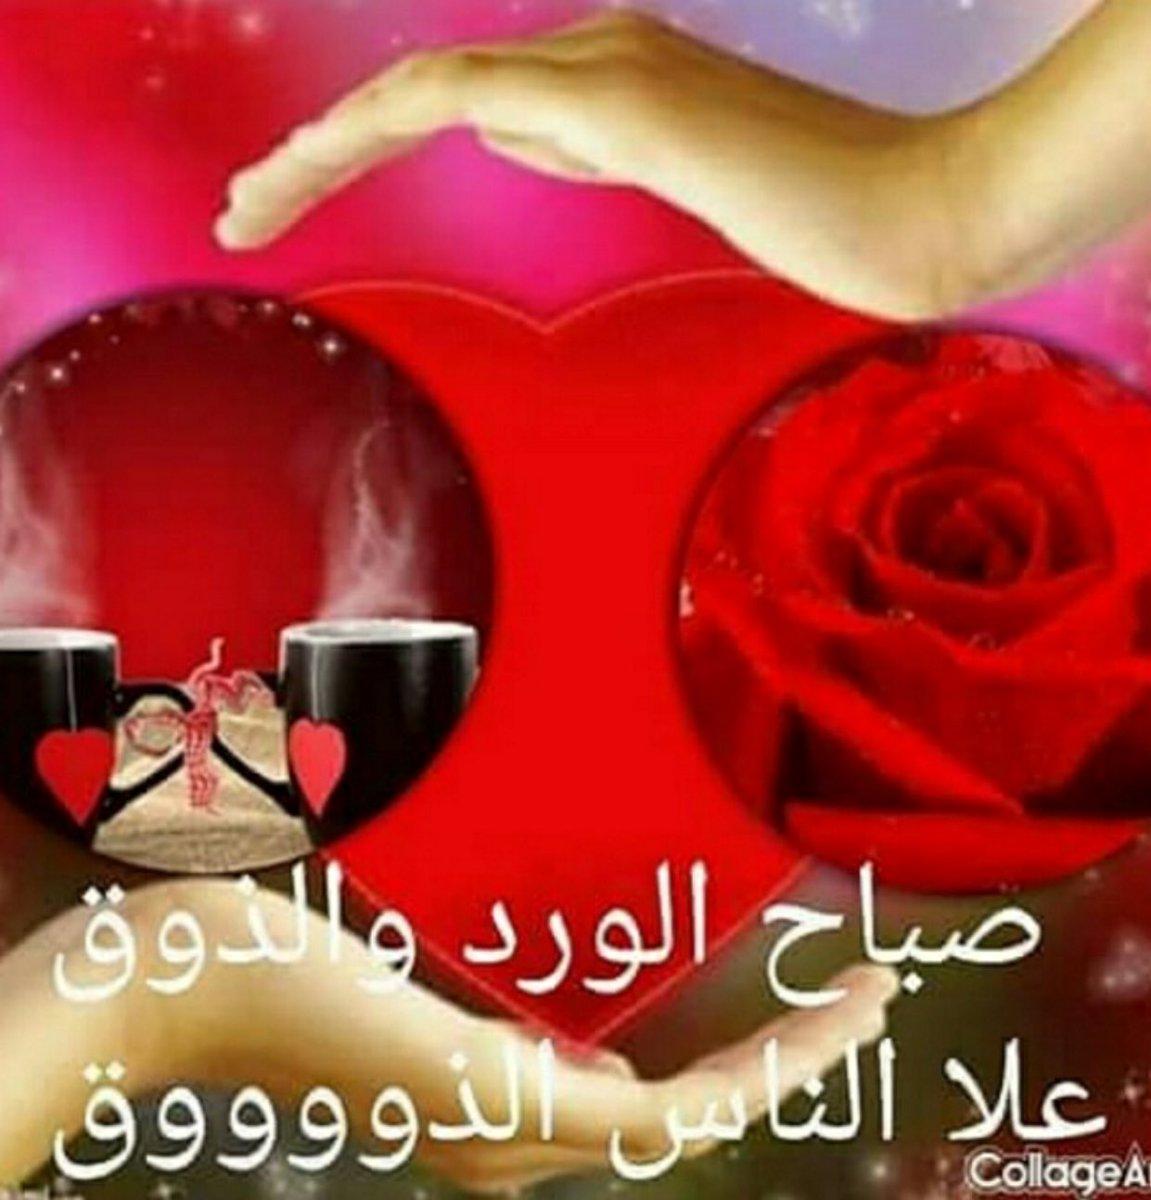 بالصور صباح الخير وكل الخير , صباحك نور وهنا وسرور 4885 7